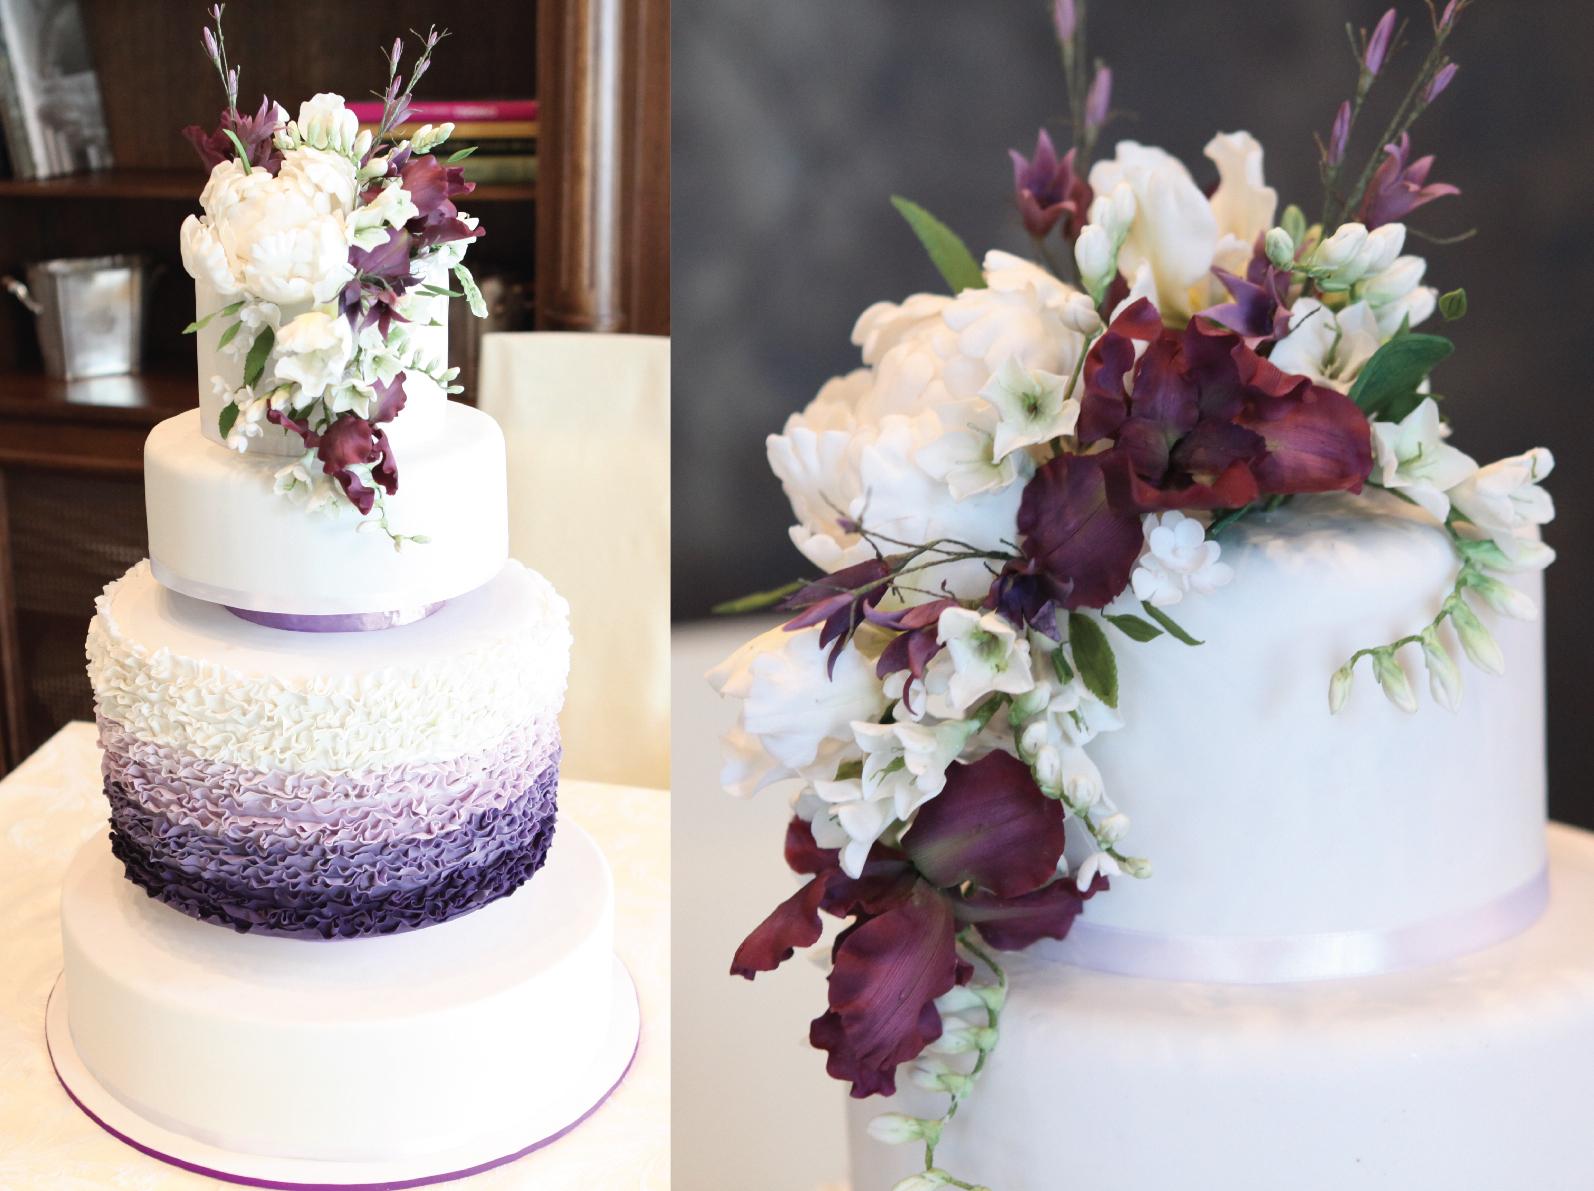 Градиентный торт с цветами